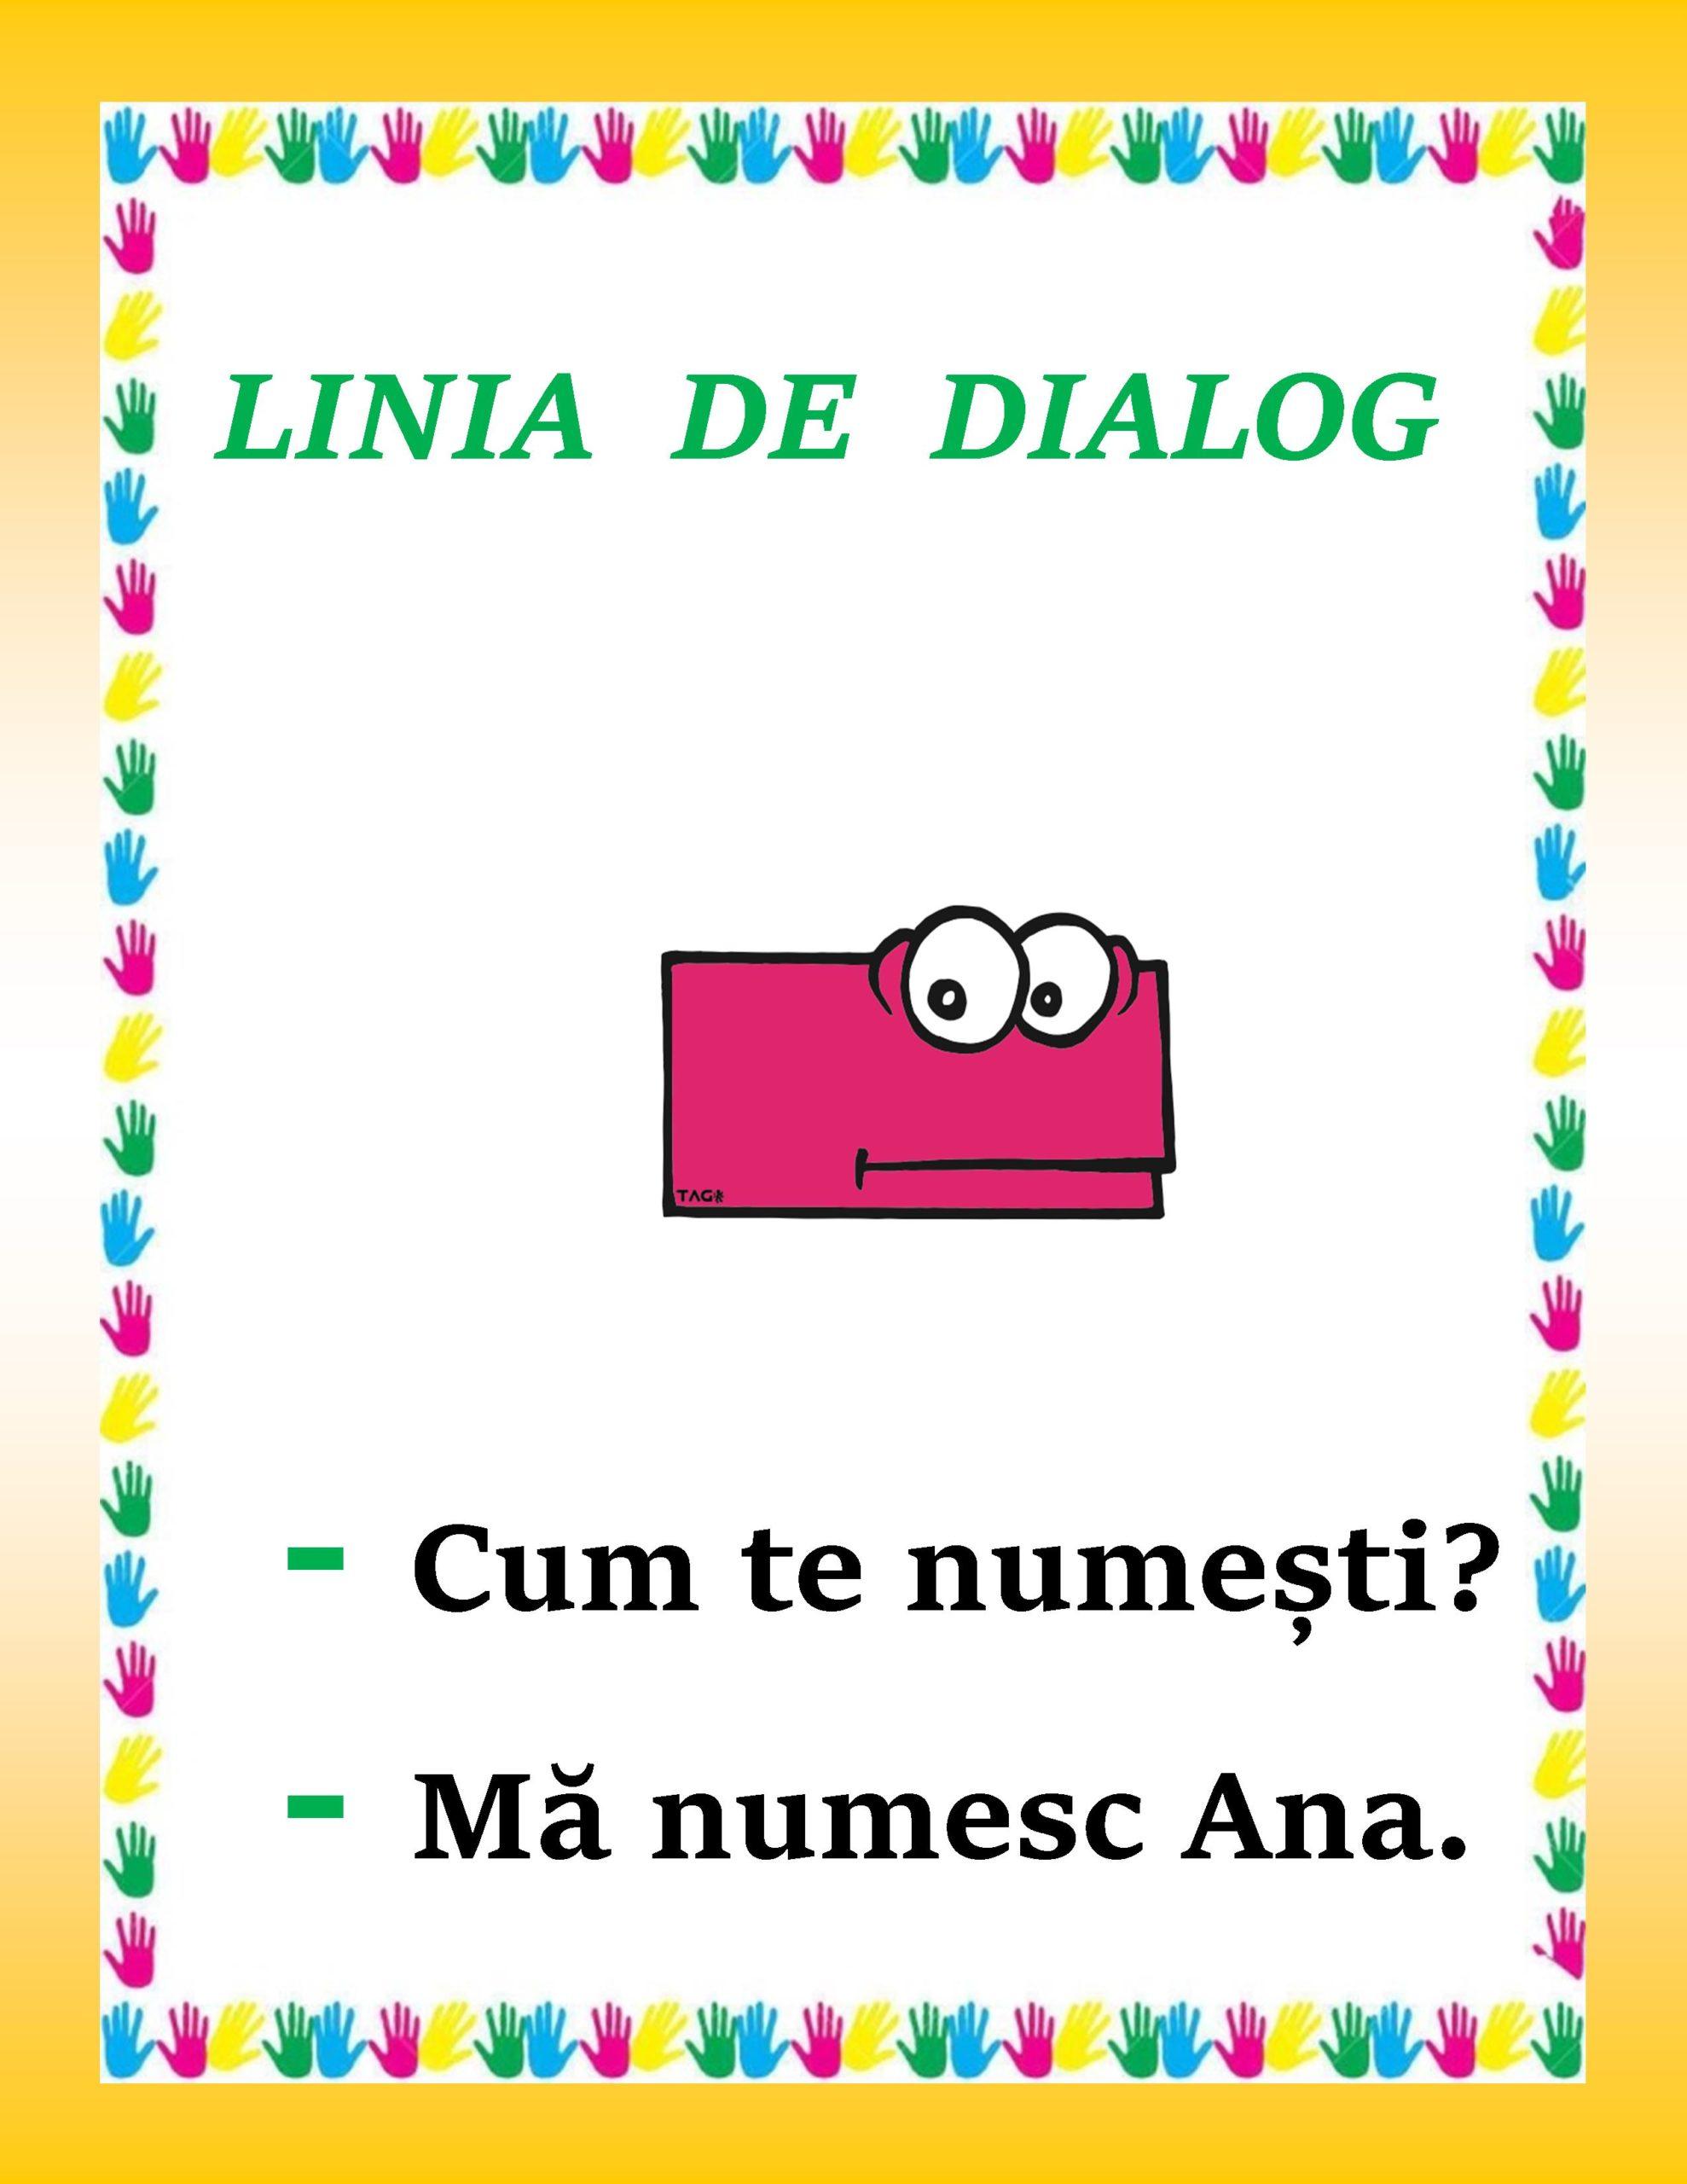 Linia de dialog